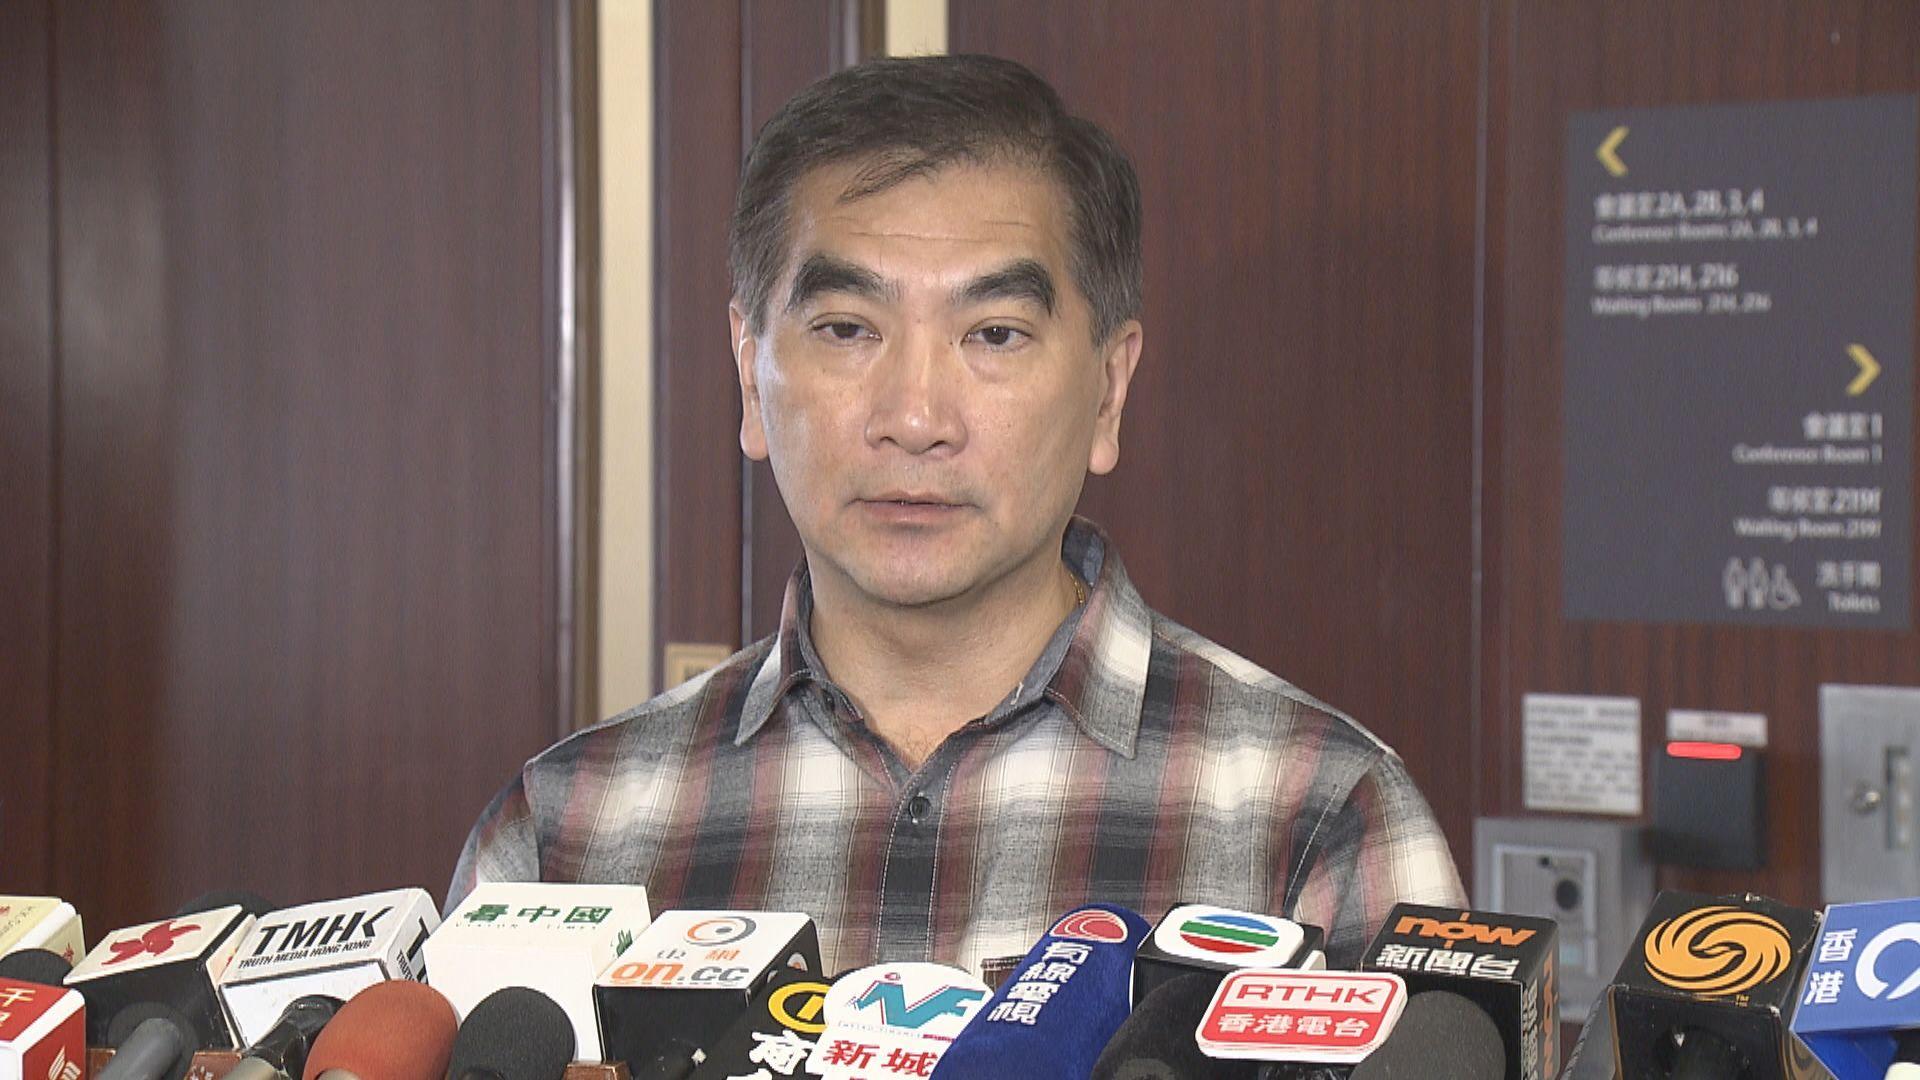 鍾國斌:美國制裁可預期但不合理 料對官員影響不大